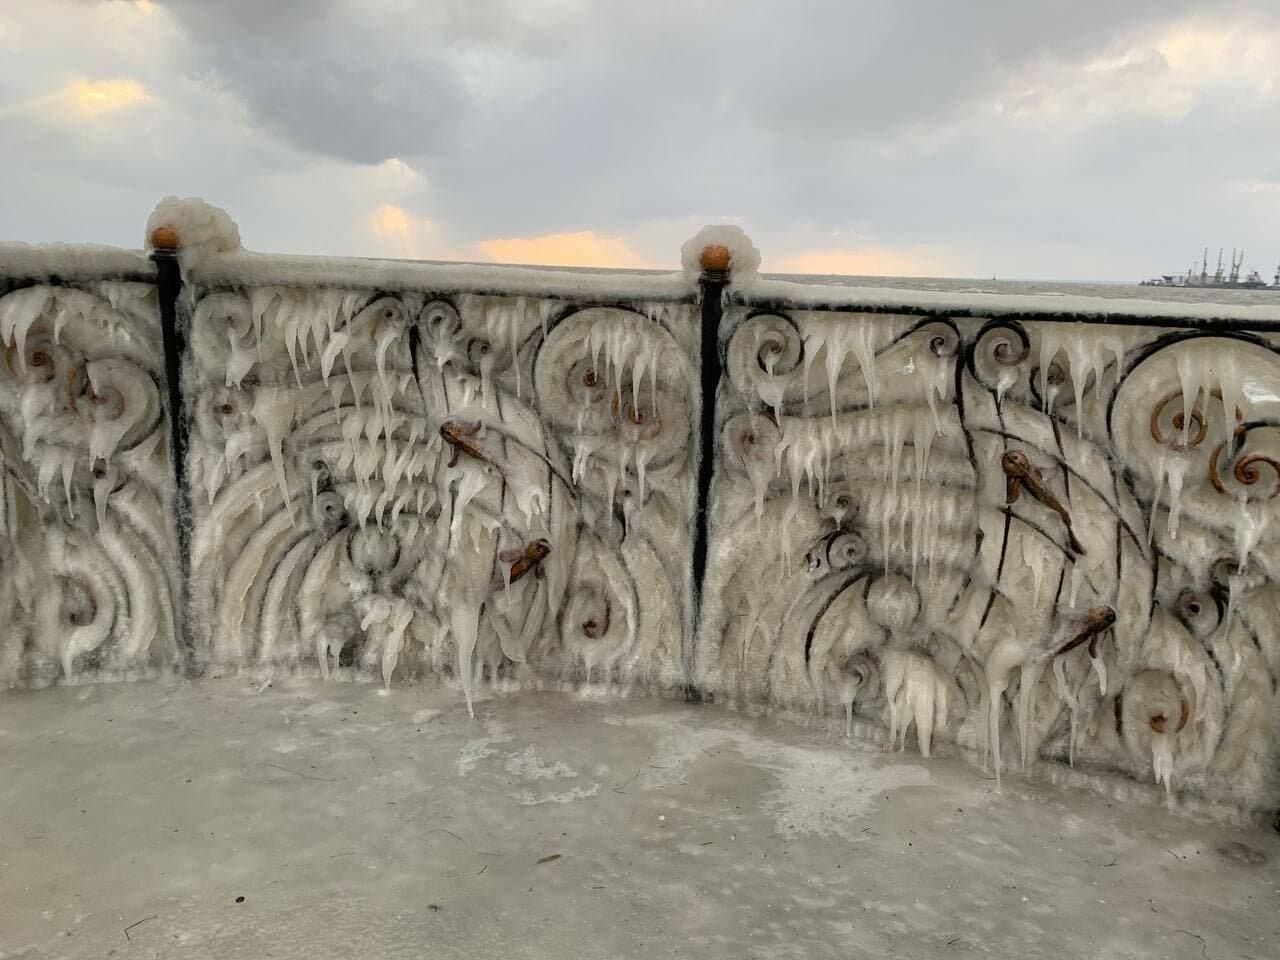 Подписчик 06153 отморозил руки, но прислал фото бердянской Набережной (ФОТО), фото-5